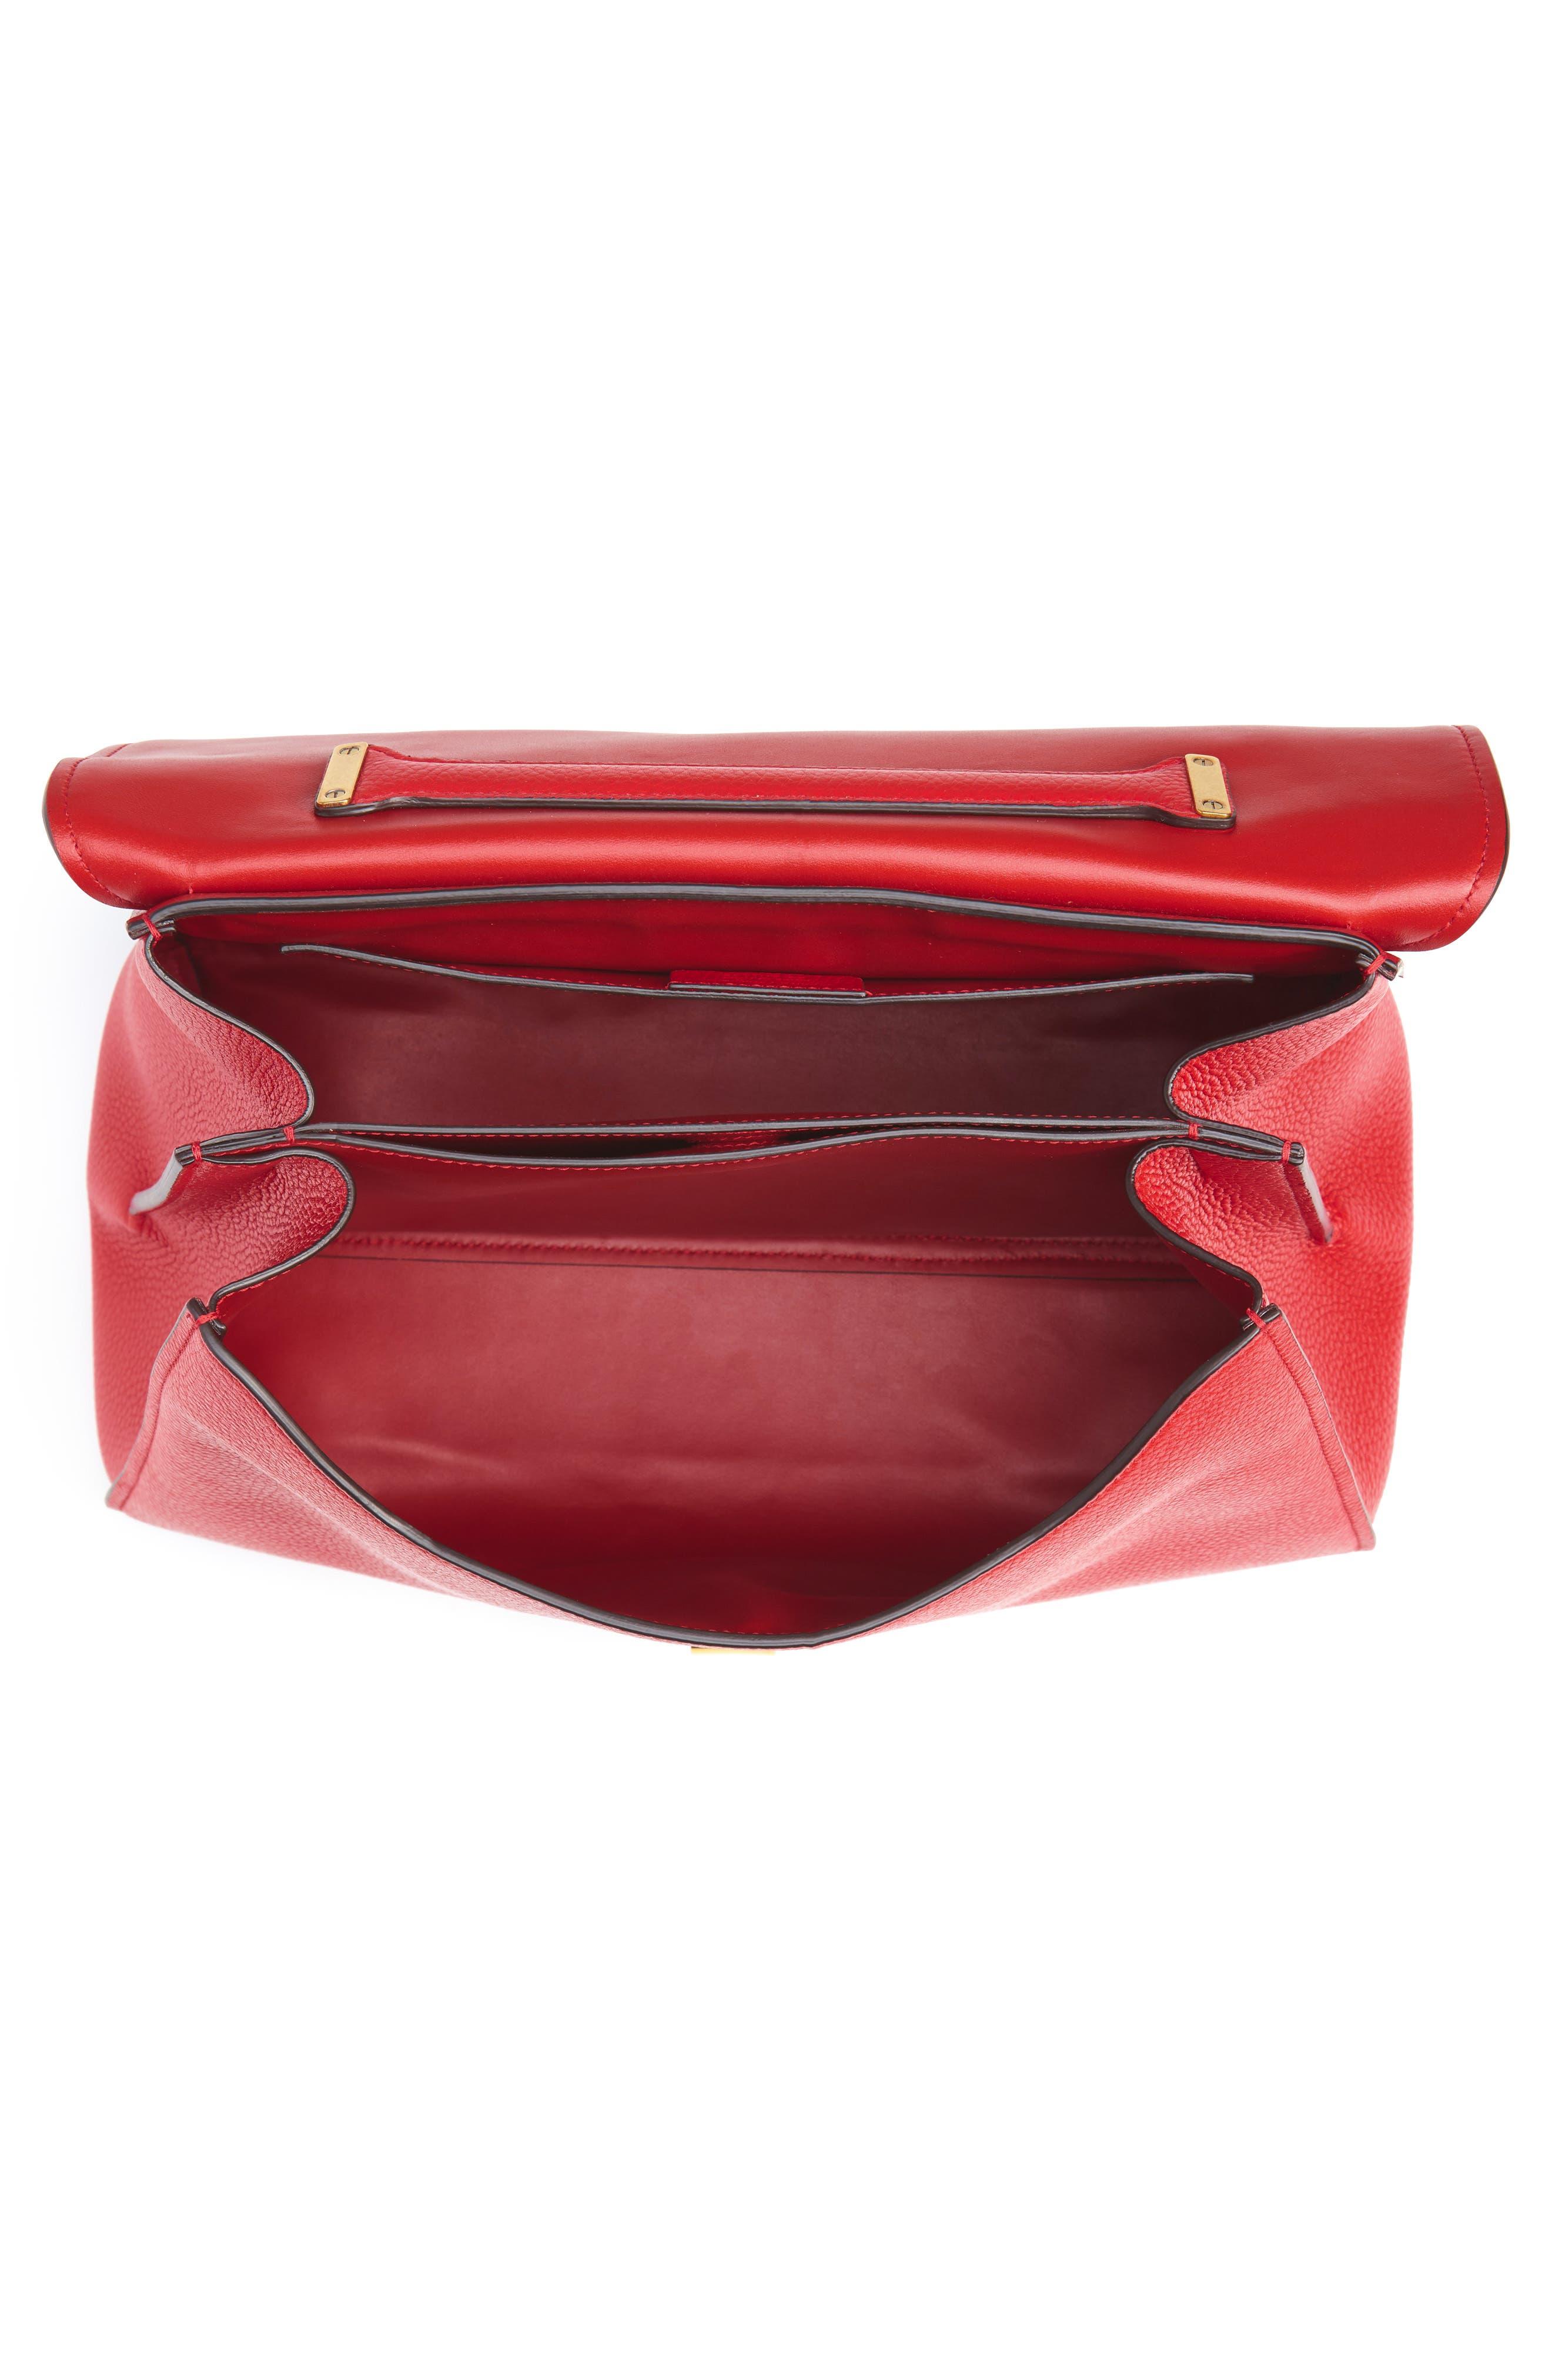 Flap Shoulder Bag,                             Alternate thumbnail 4, color,                             600